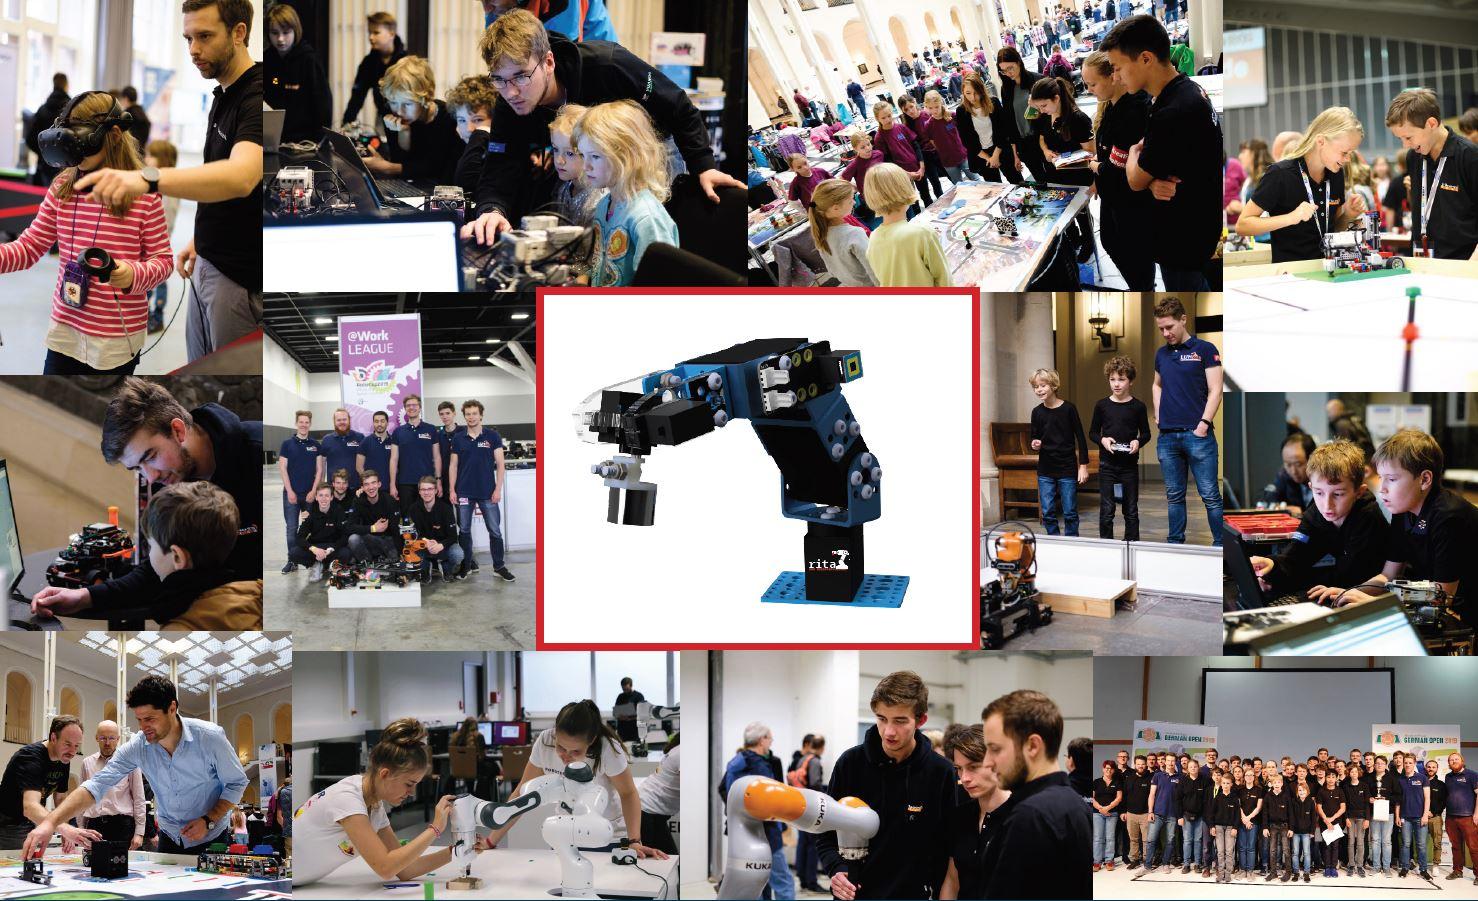 Bildkollage aus Veranstaltungsfotos mit zahlreichen Schülern und dem Prototypen eines Roboterarms.